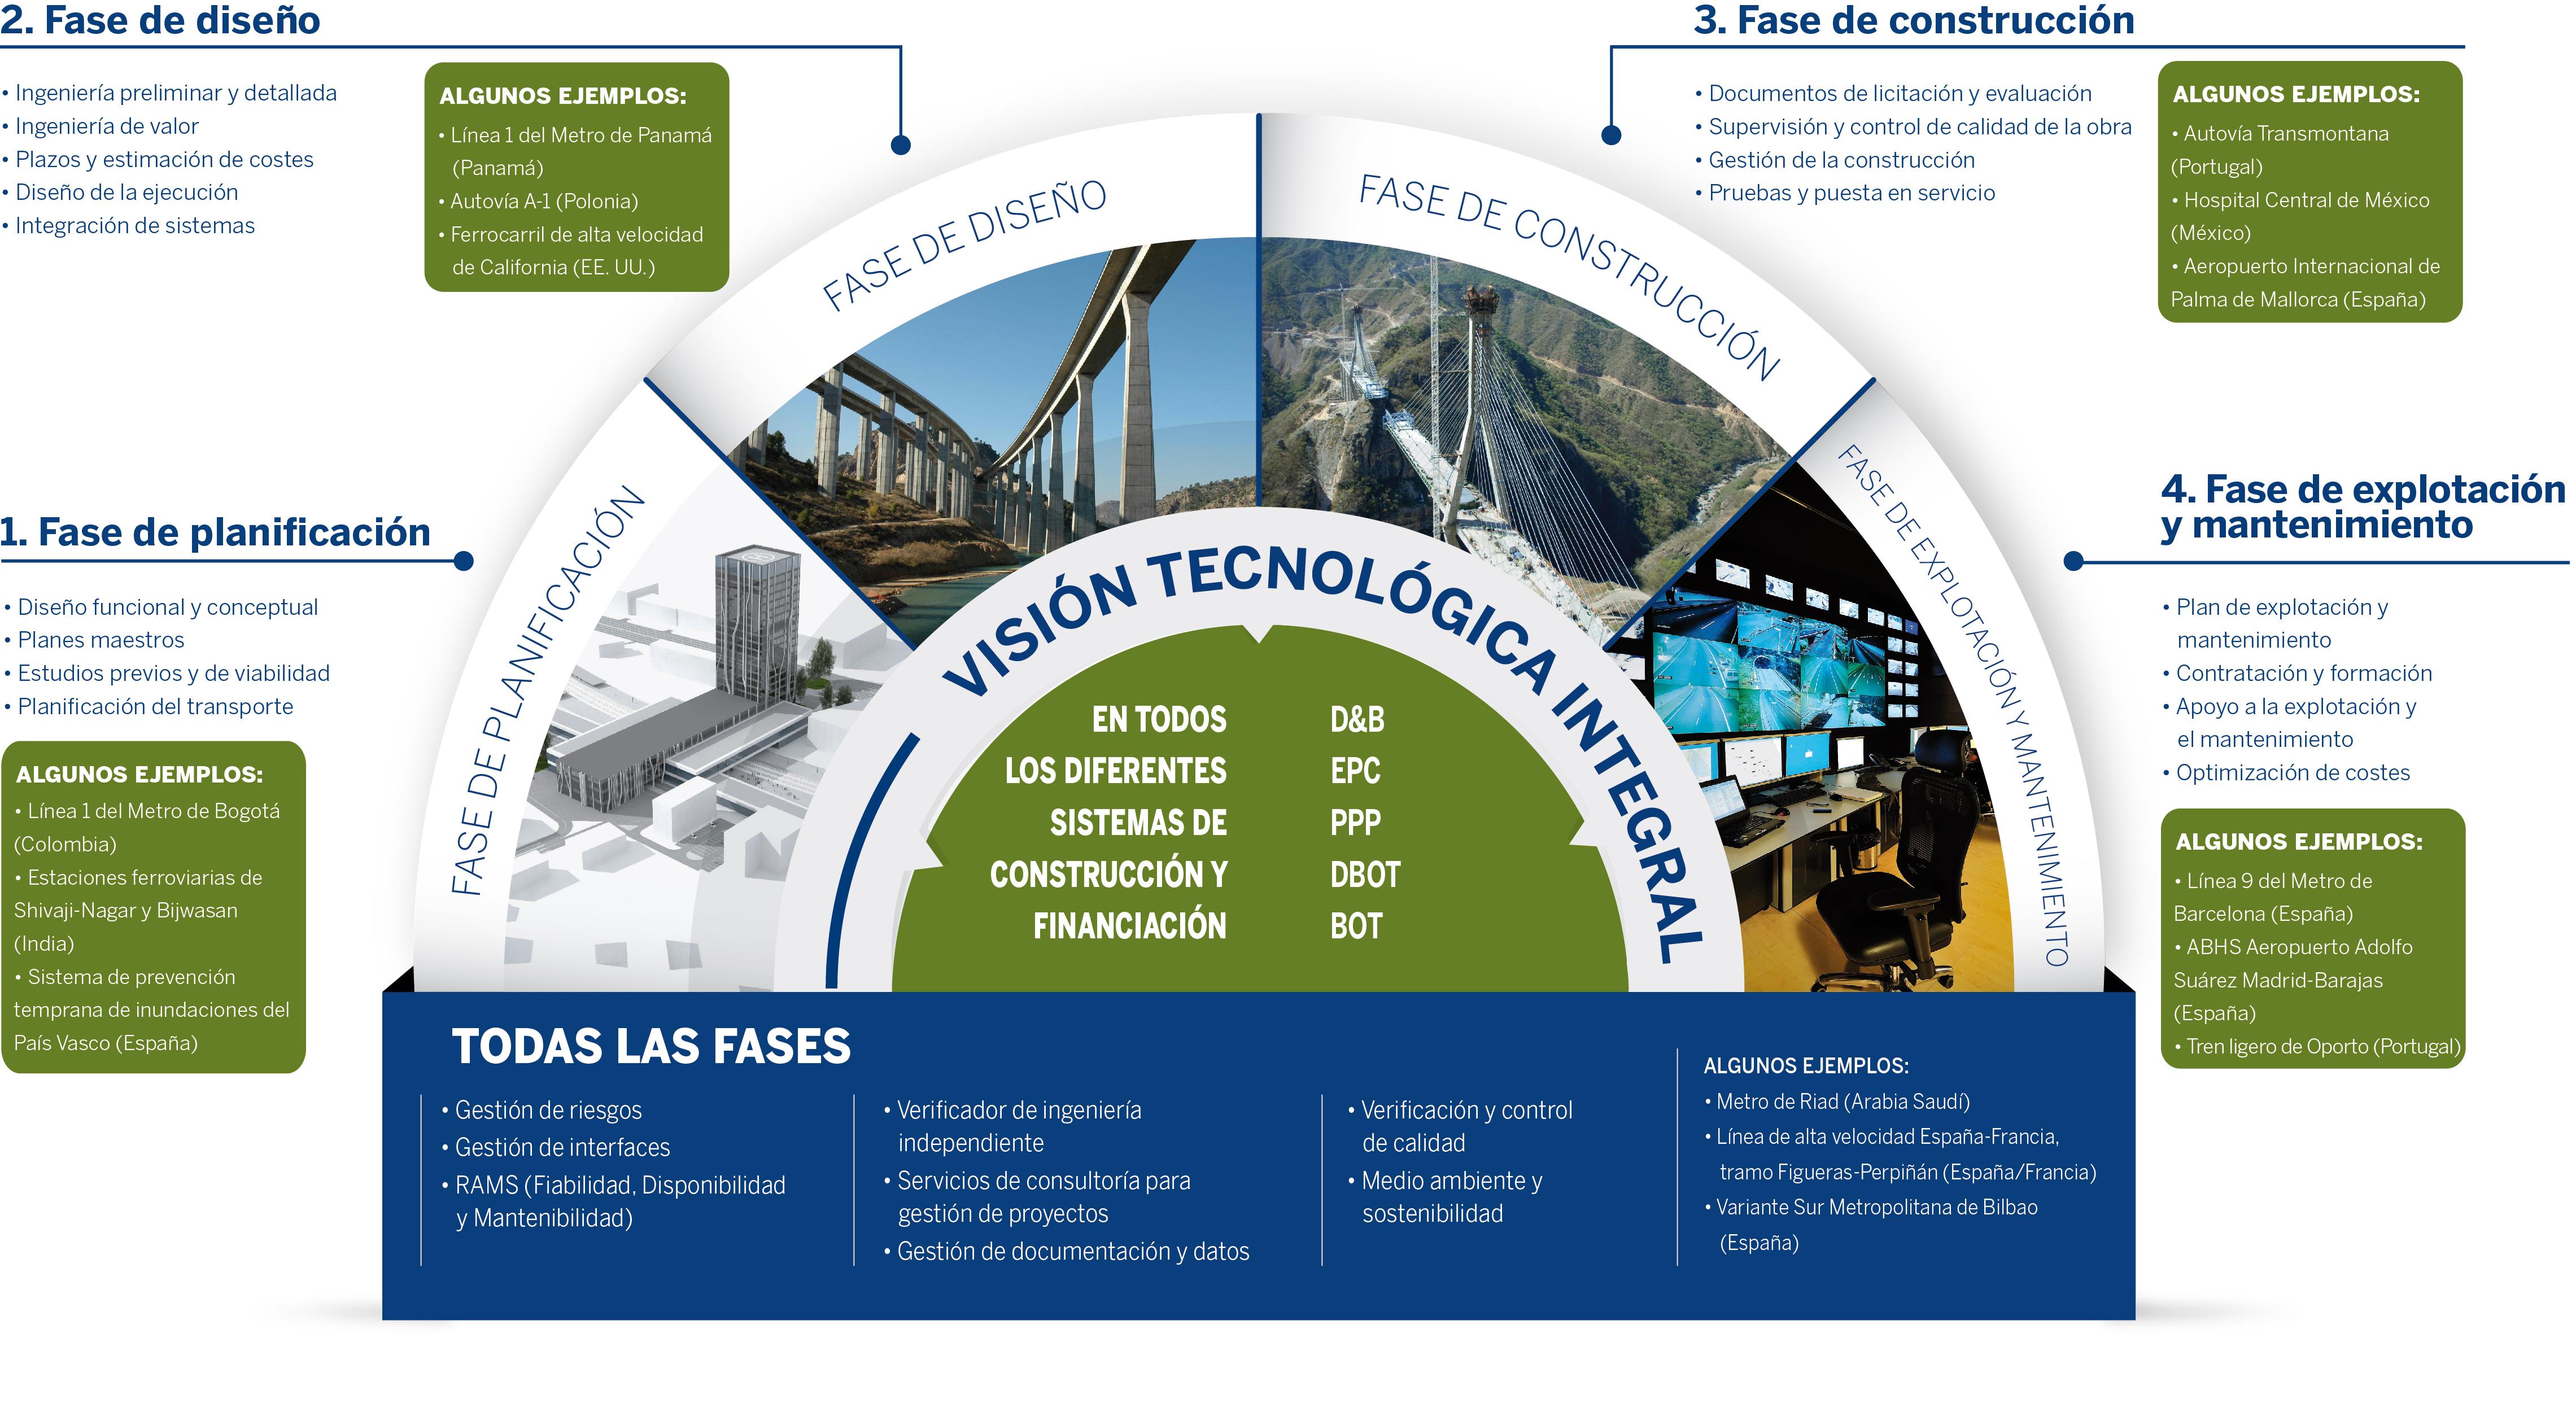 sener-infraestructuras-transporte-servicios-ciclo-vida-proyecto